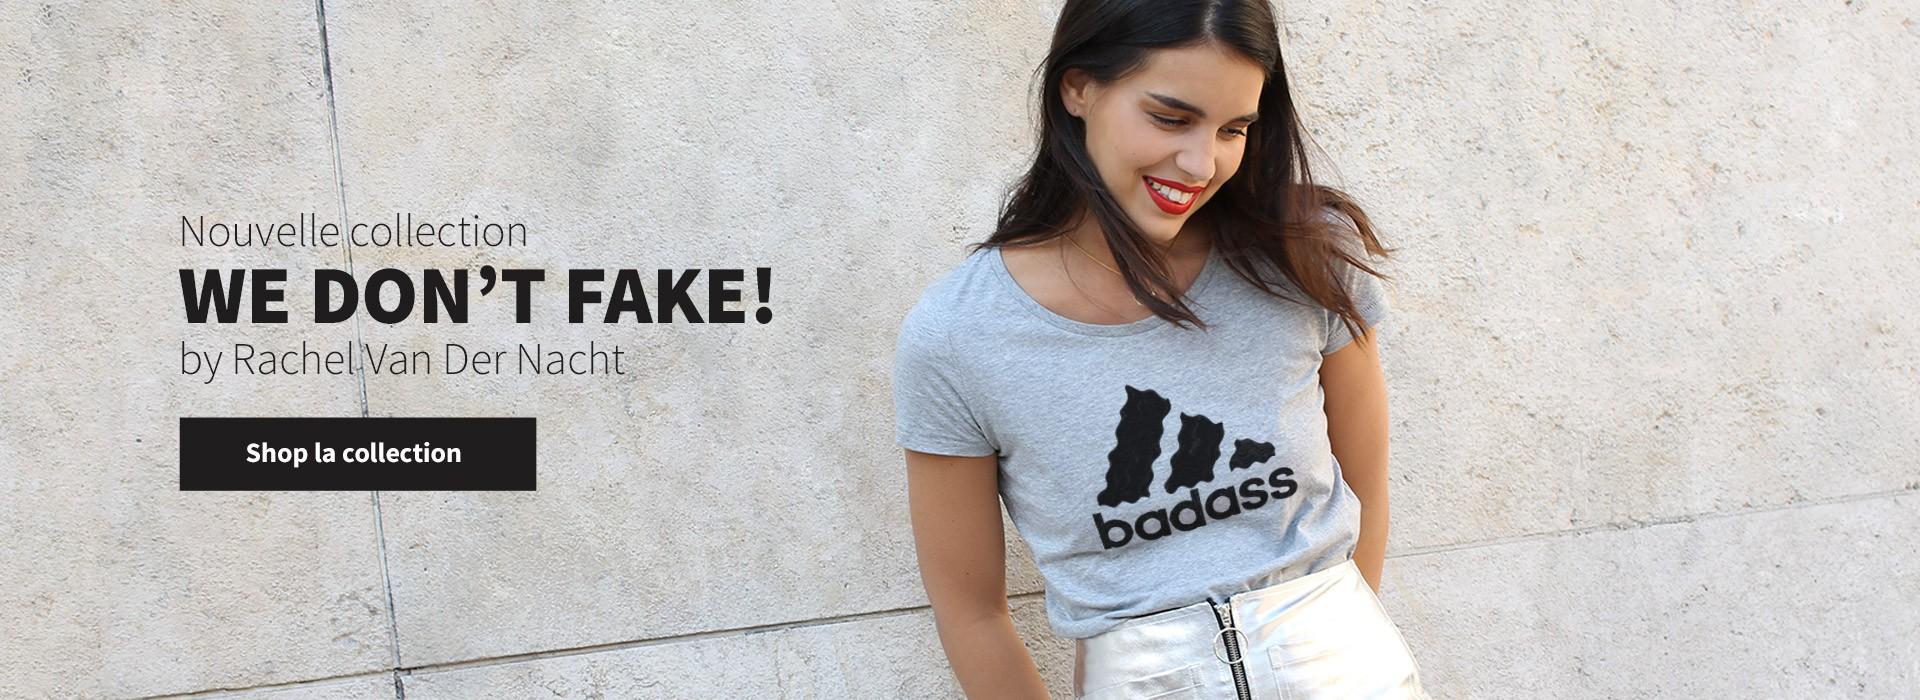 We dont fake